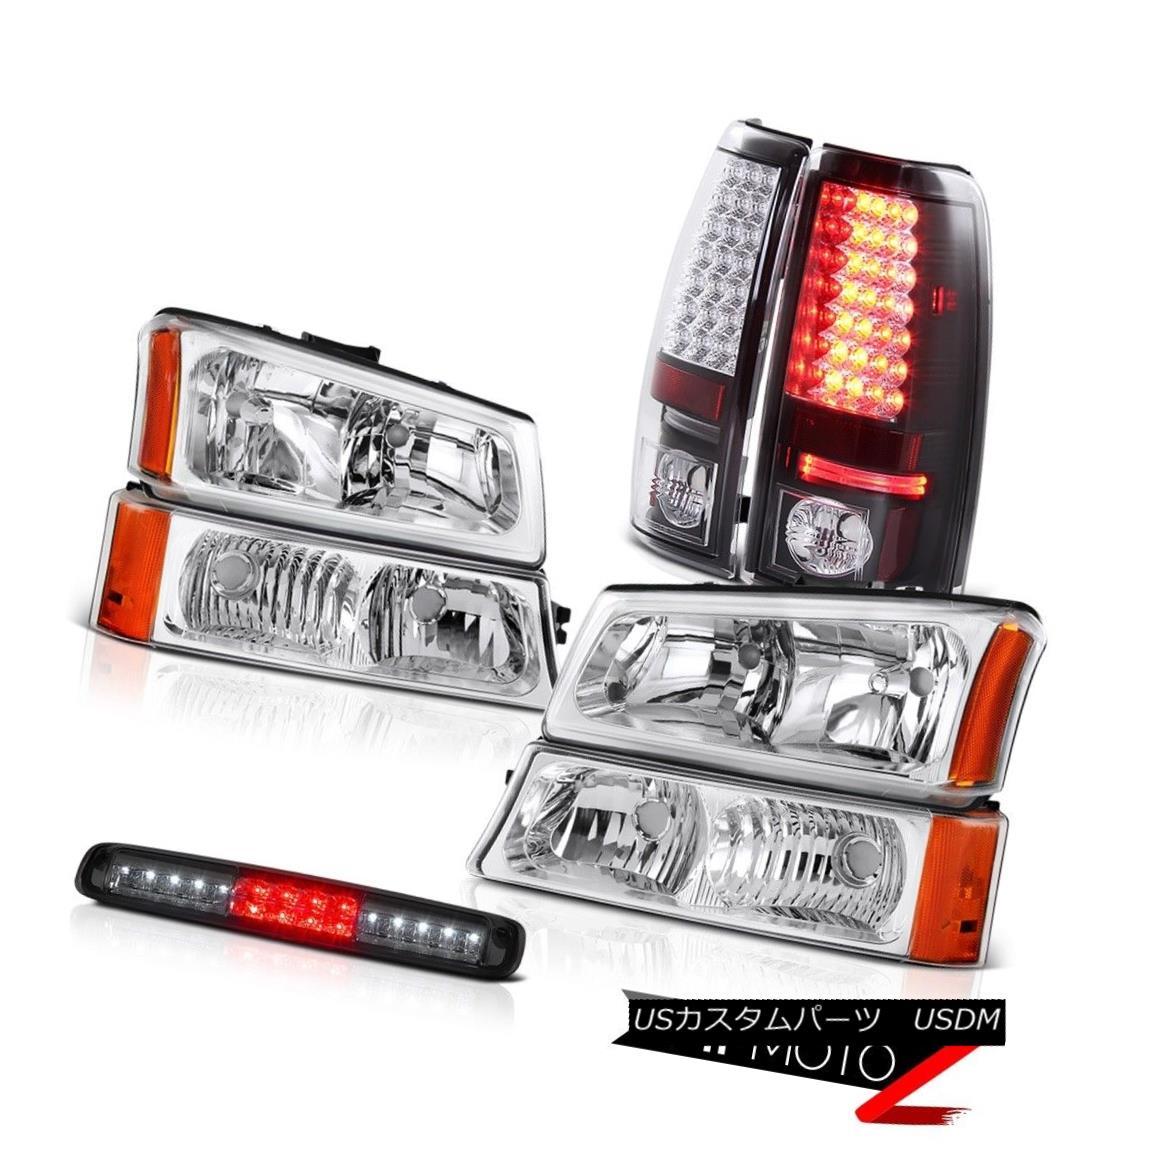 テールライト 2003-2006 Silverado Crystal Clear Headlights Smoked Third Brake Lamp Tail Lamps 2003-2006シルバラードクリスタルクリアヘッドライトスモークサードブレーキランプテールランプ